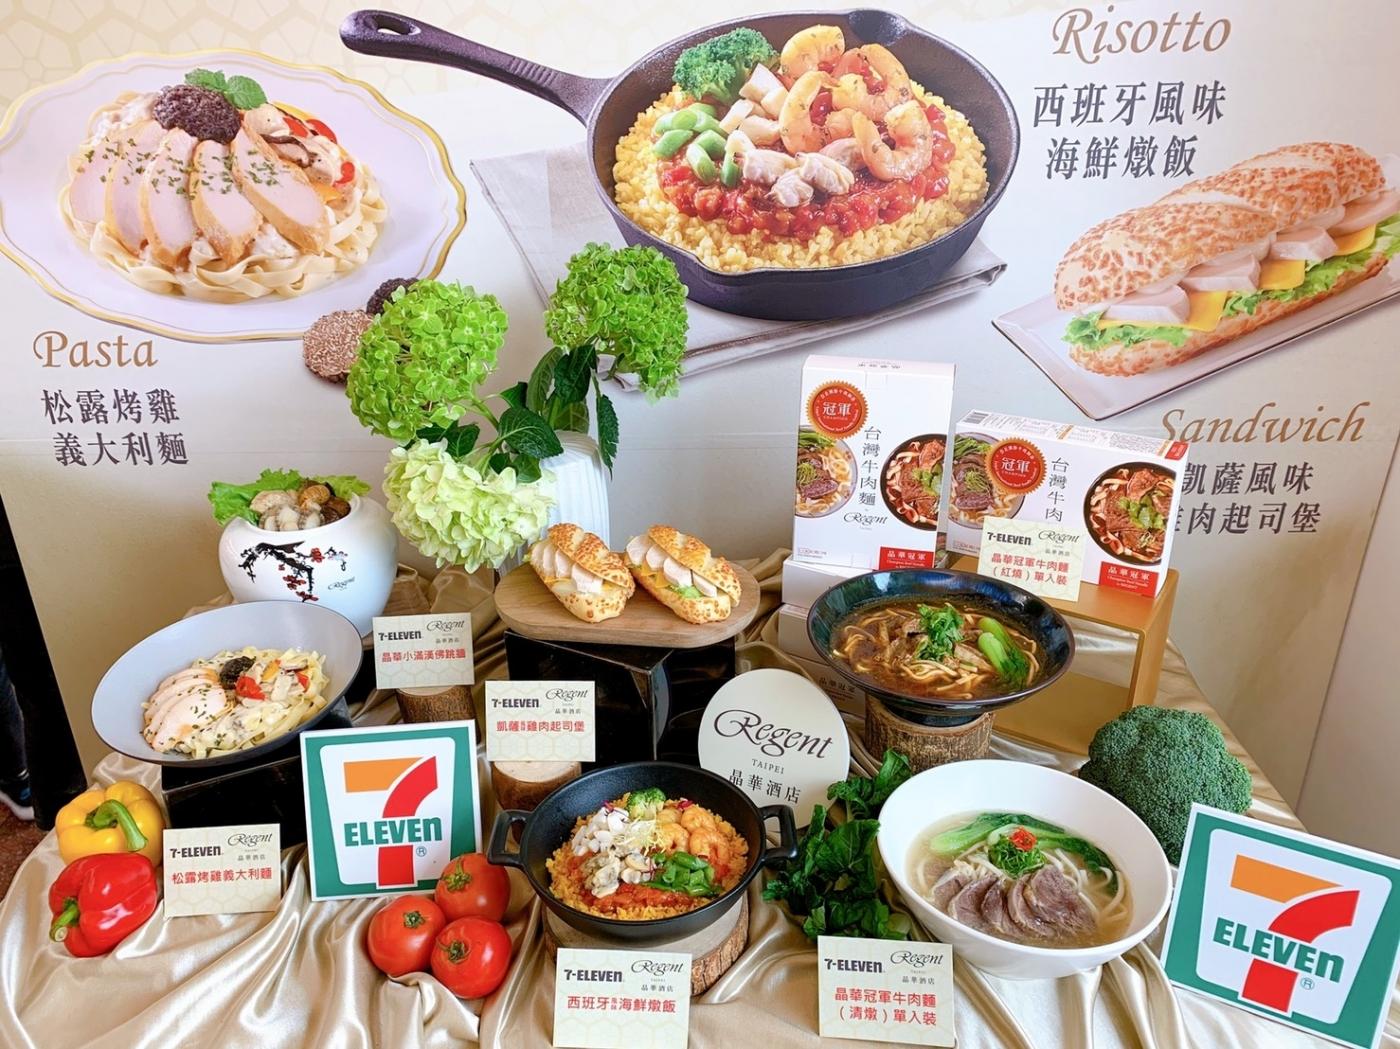 小七攜手晶華推聯名鮮食!超商賣最好的麵、飯品項,如何再衝業績漲3成?